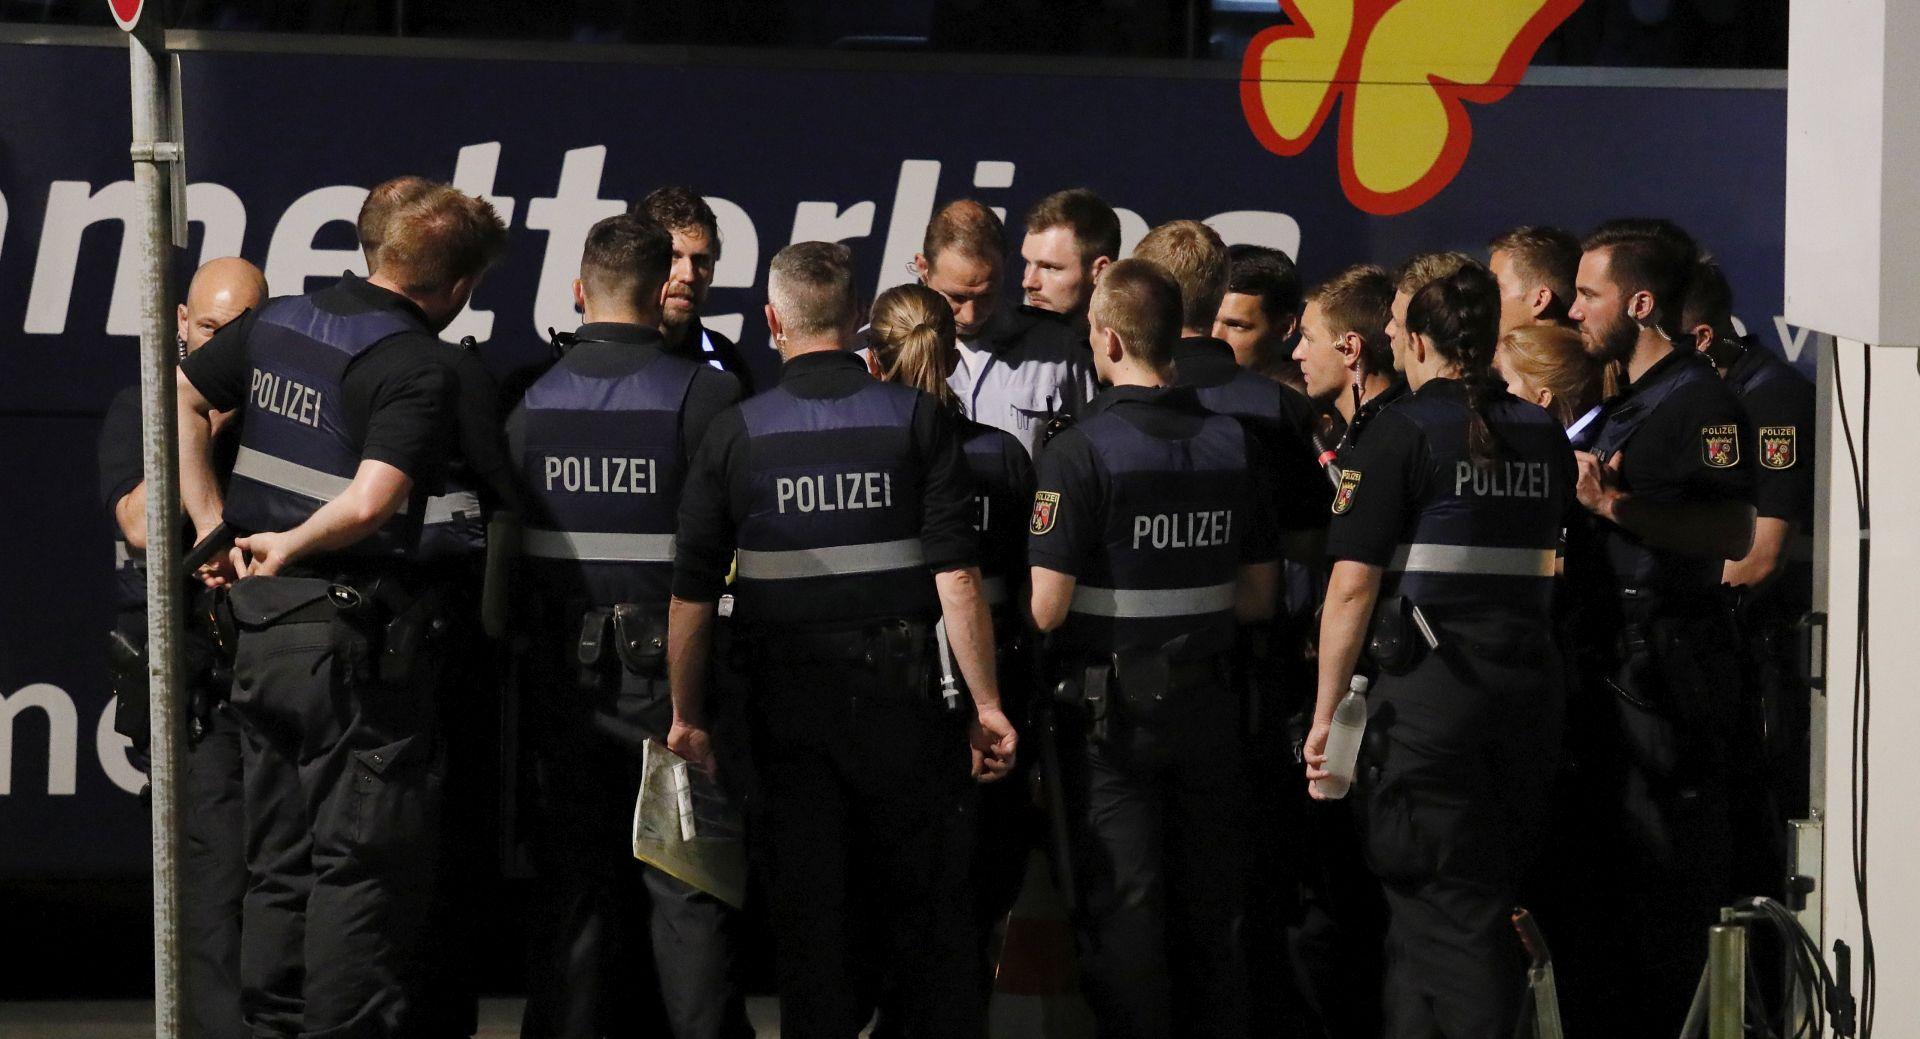 ROCK AM RING Festival u Njemačkoj se nastavlja, teroristička prijetnja nije potvrđena